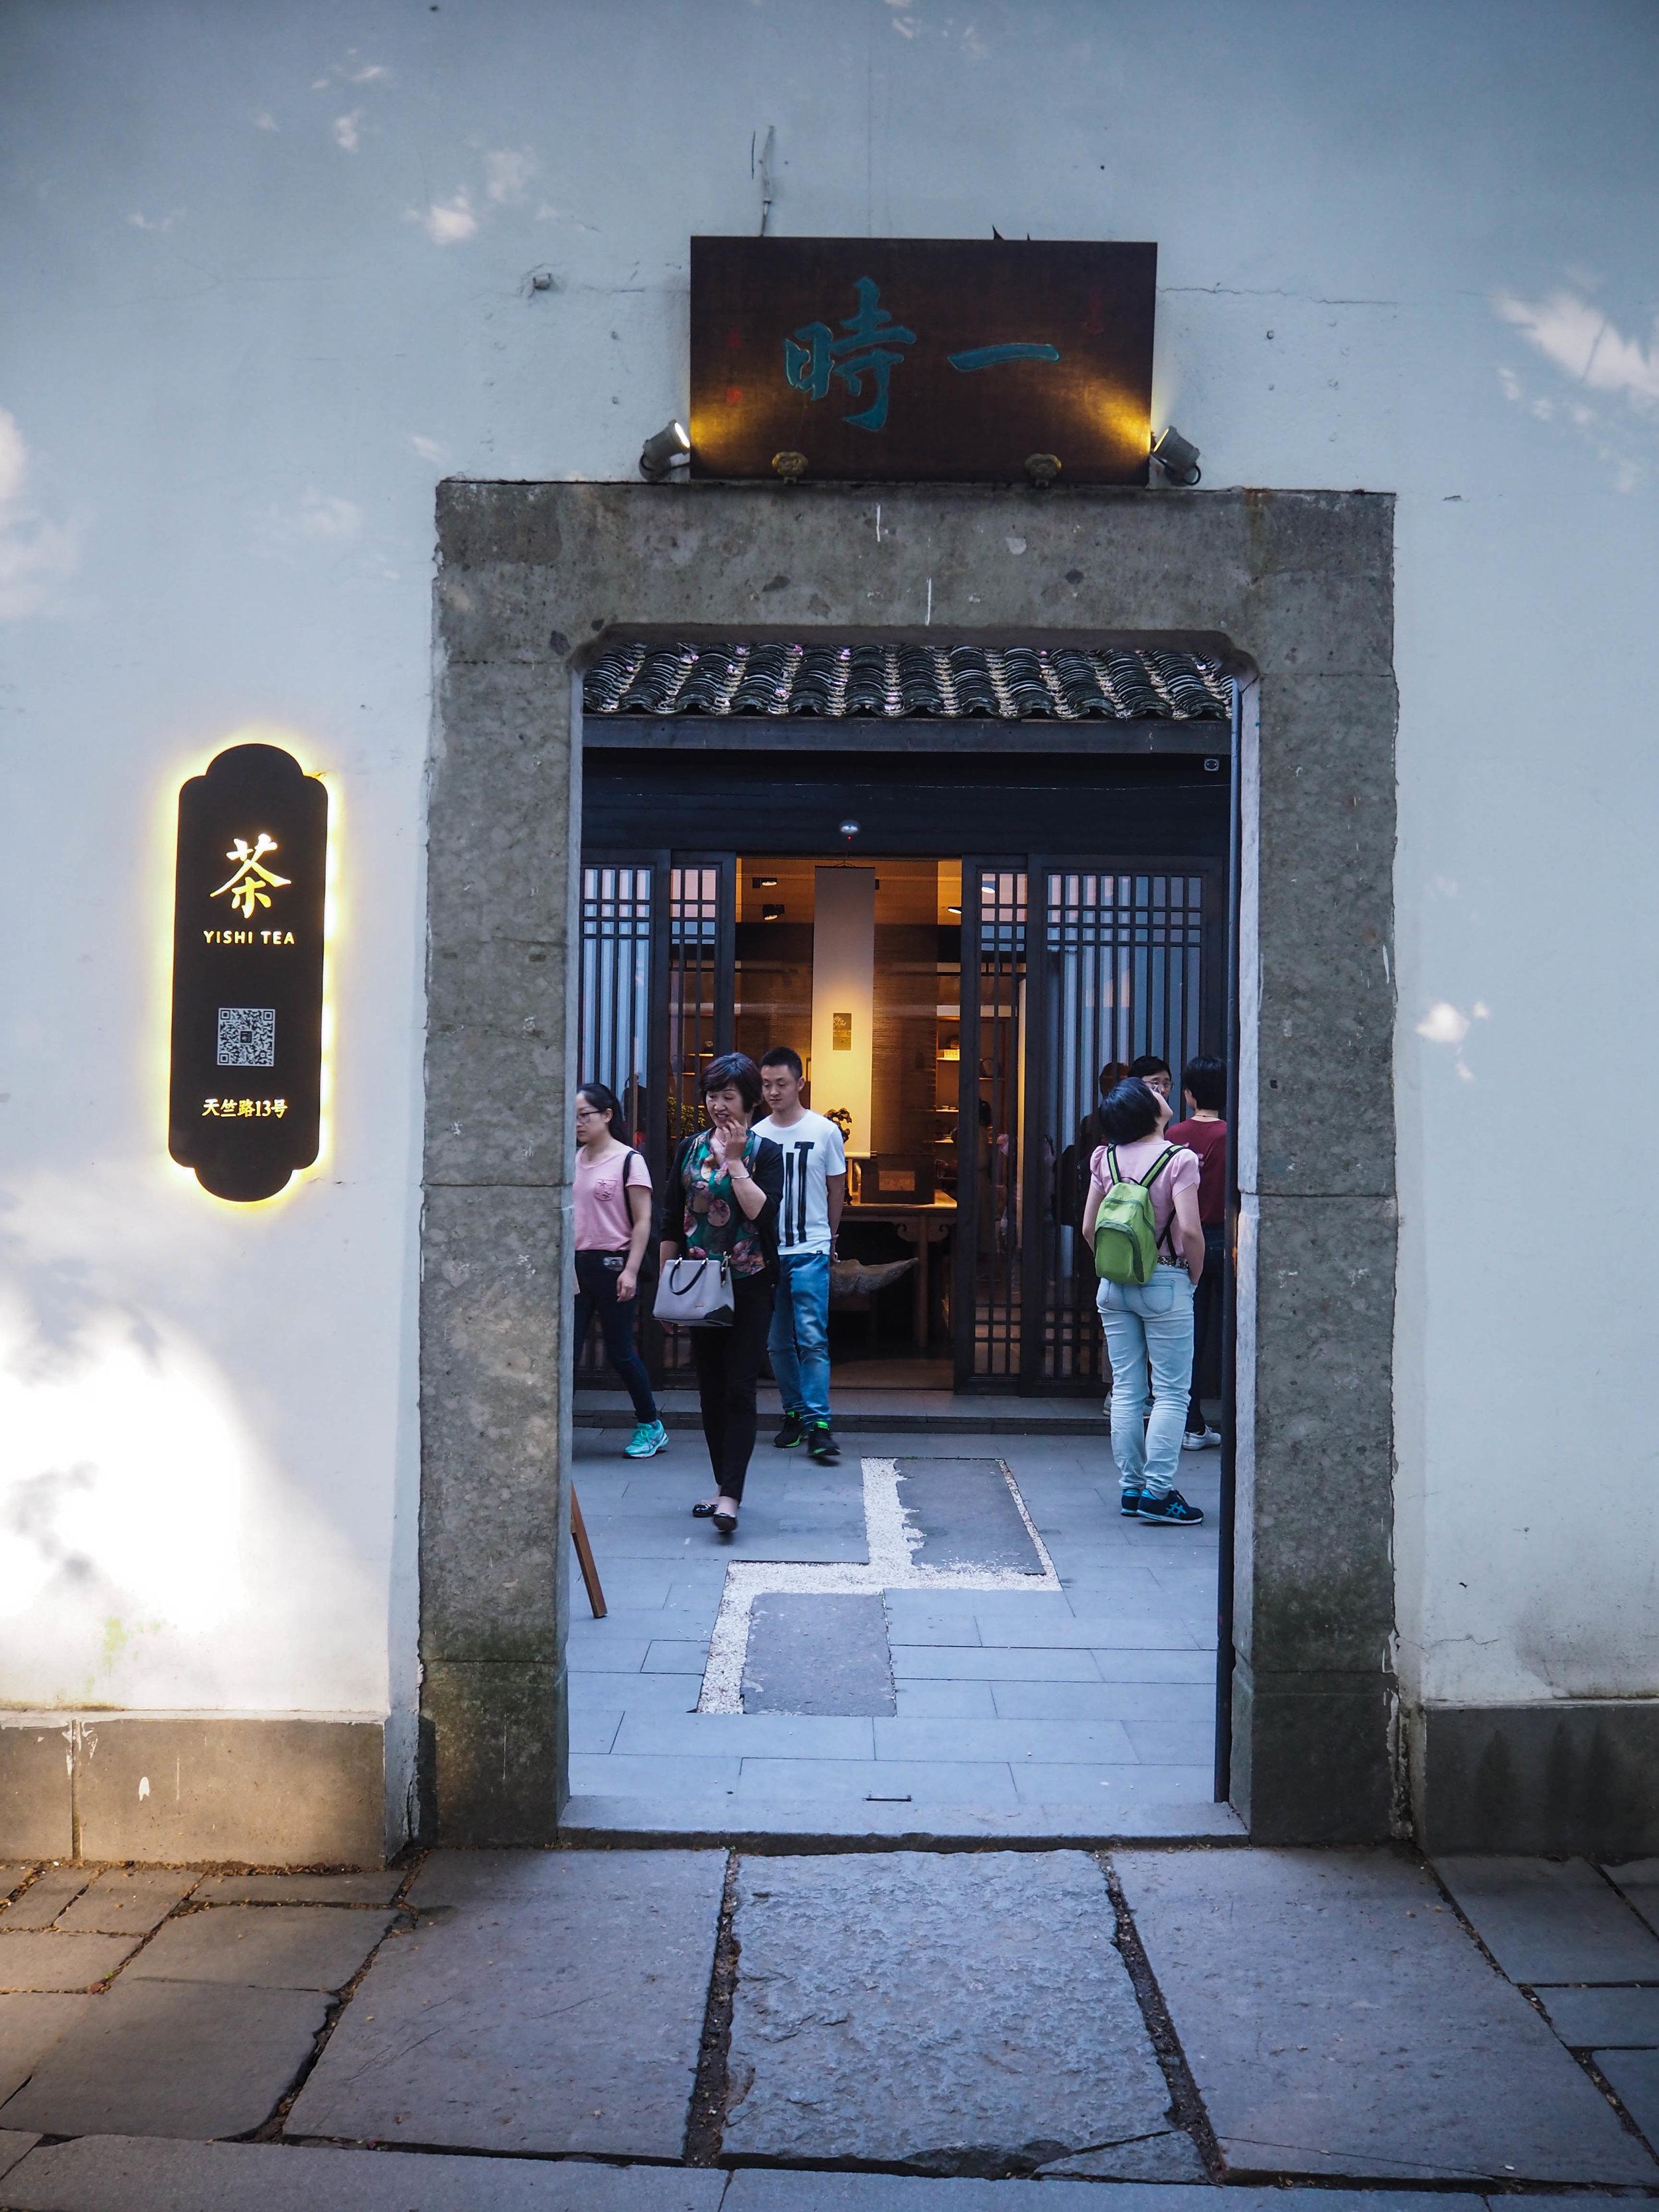 A modern tea house in Hangzhou